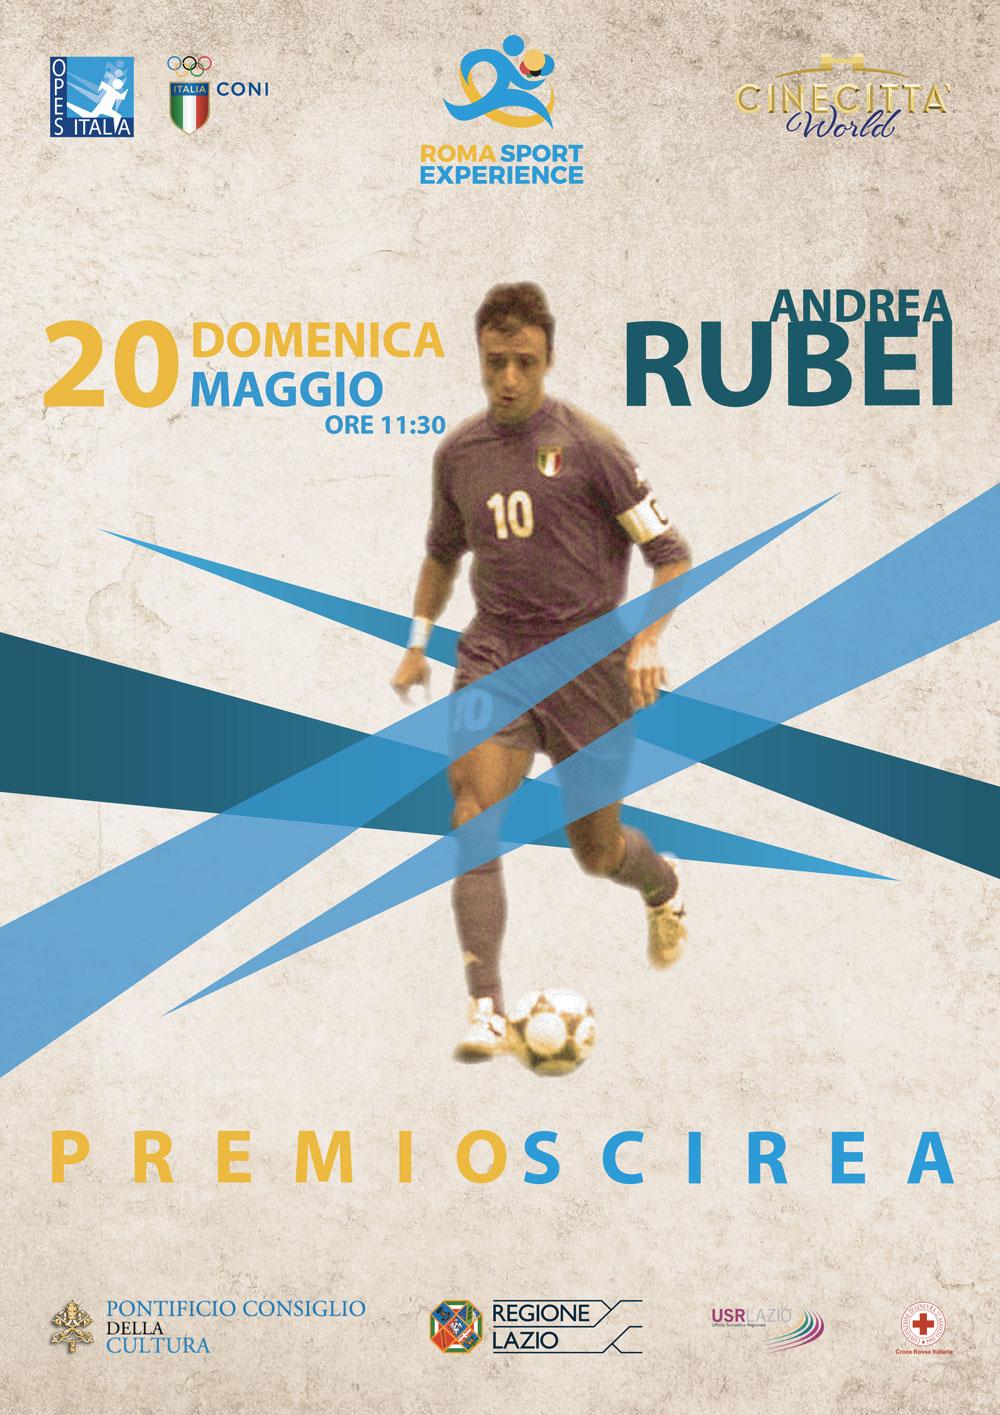 """Roma Sport Experience 2018: """"Premio Scirea"""" ad Andrea Rubei, la leggenda del futsal"""